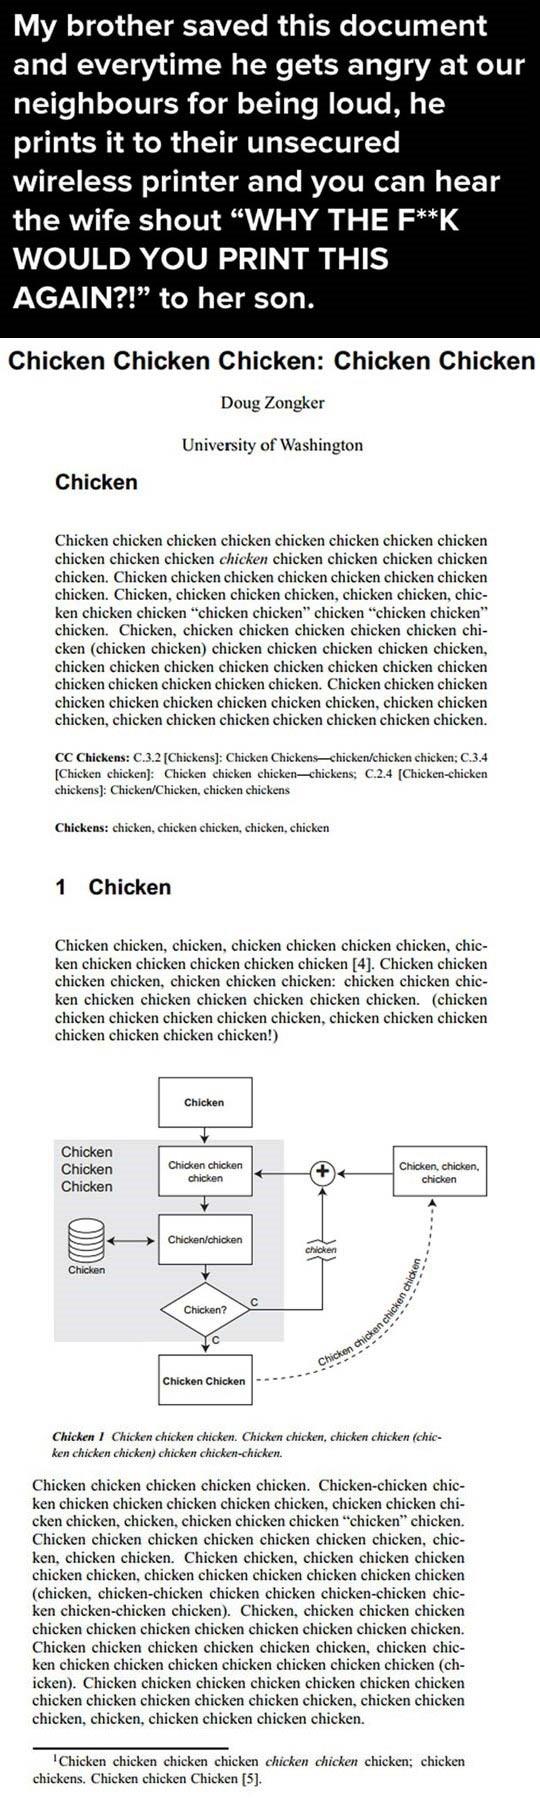 funny-prank-printer-chicken